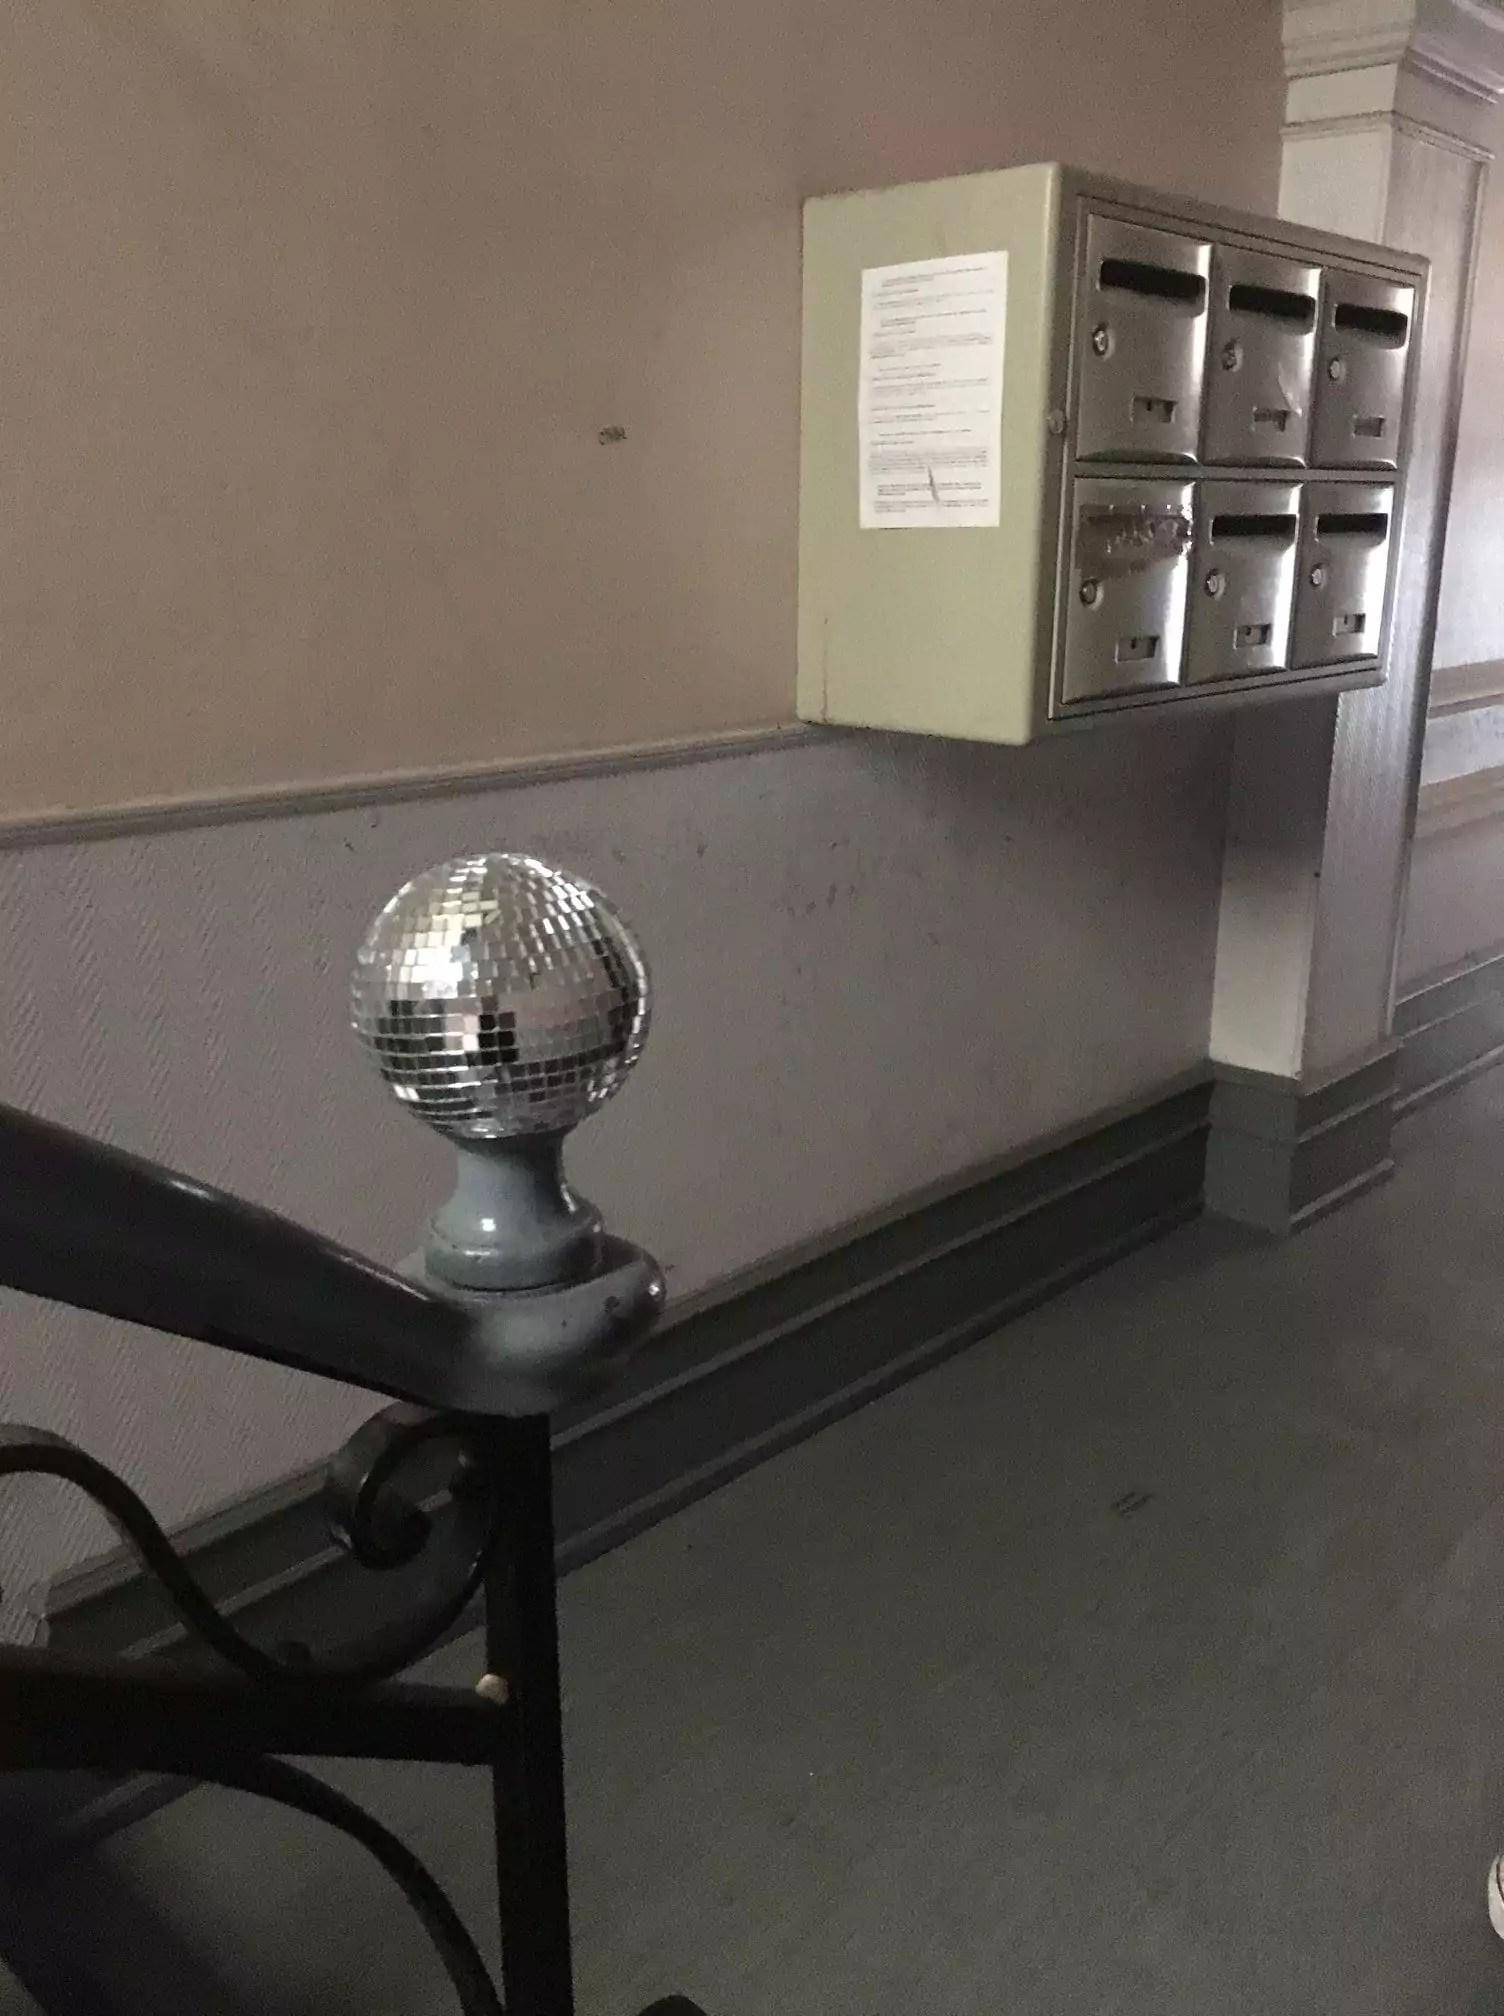 Une boule à facettes de Disco Invaders (Photo Myriam Niss / doc remis)